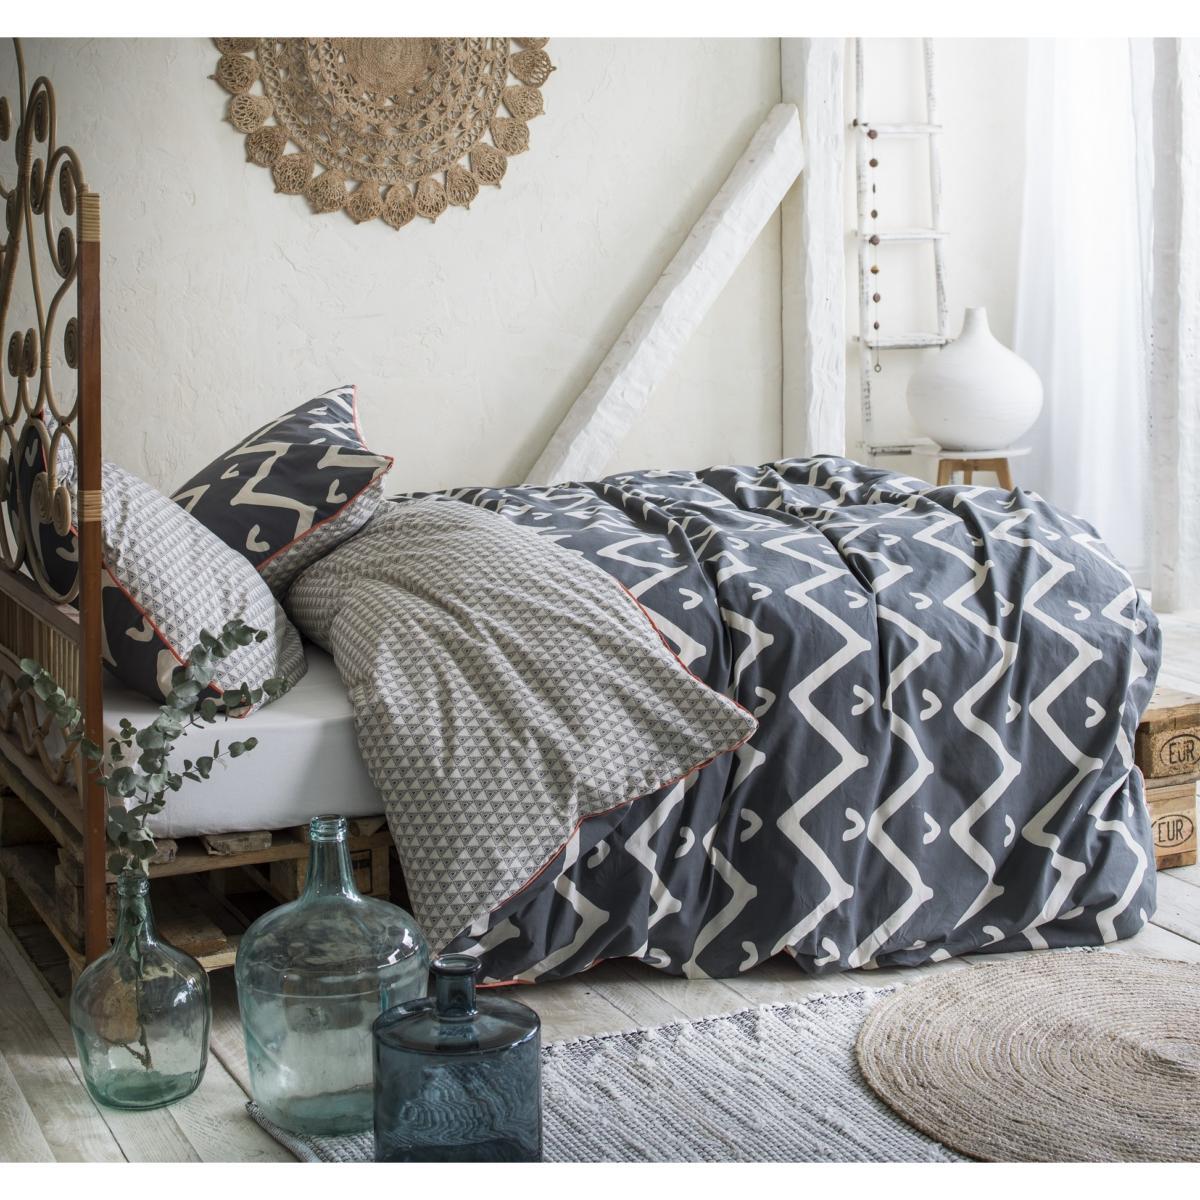 parure housse de couette karma hippie chic bleu r versible. Black Bedroom Furniture Sets. Home Design Ideas